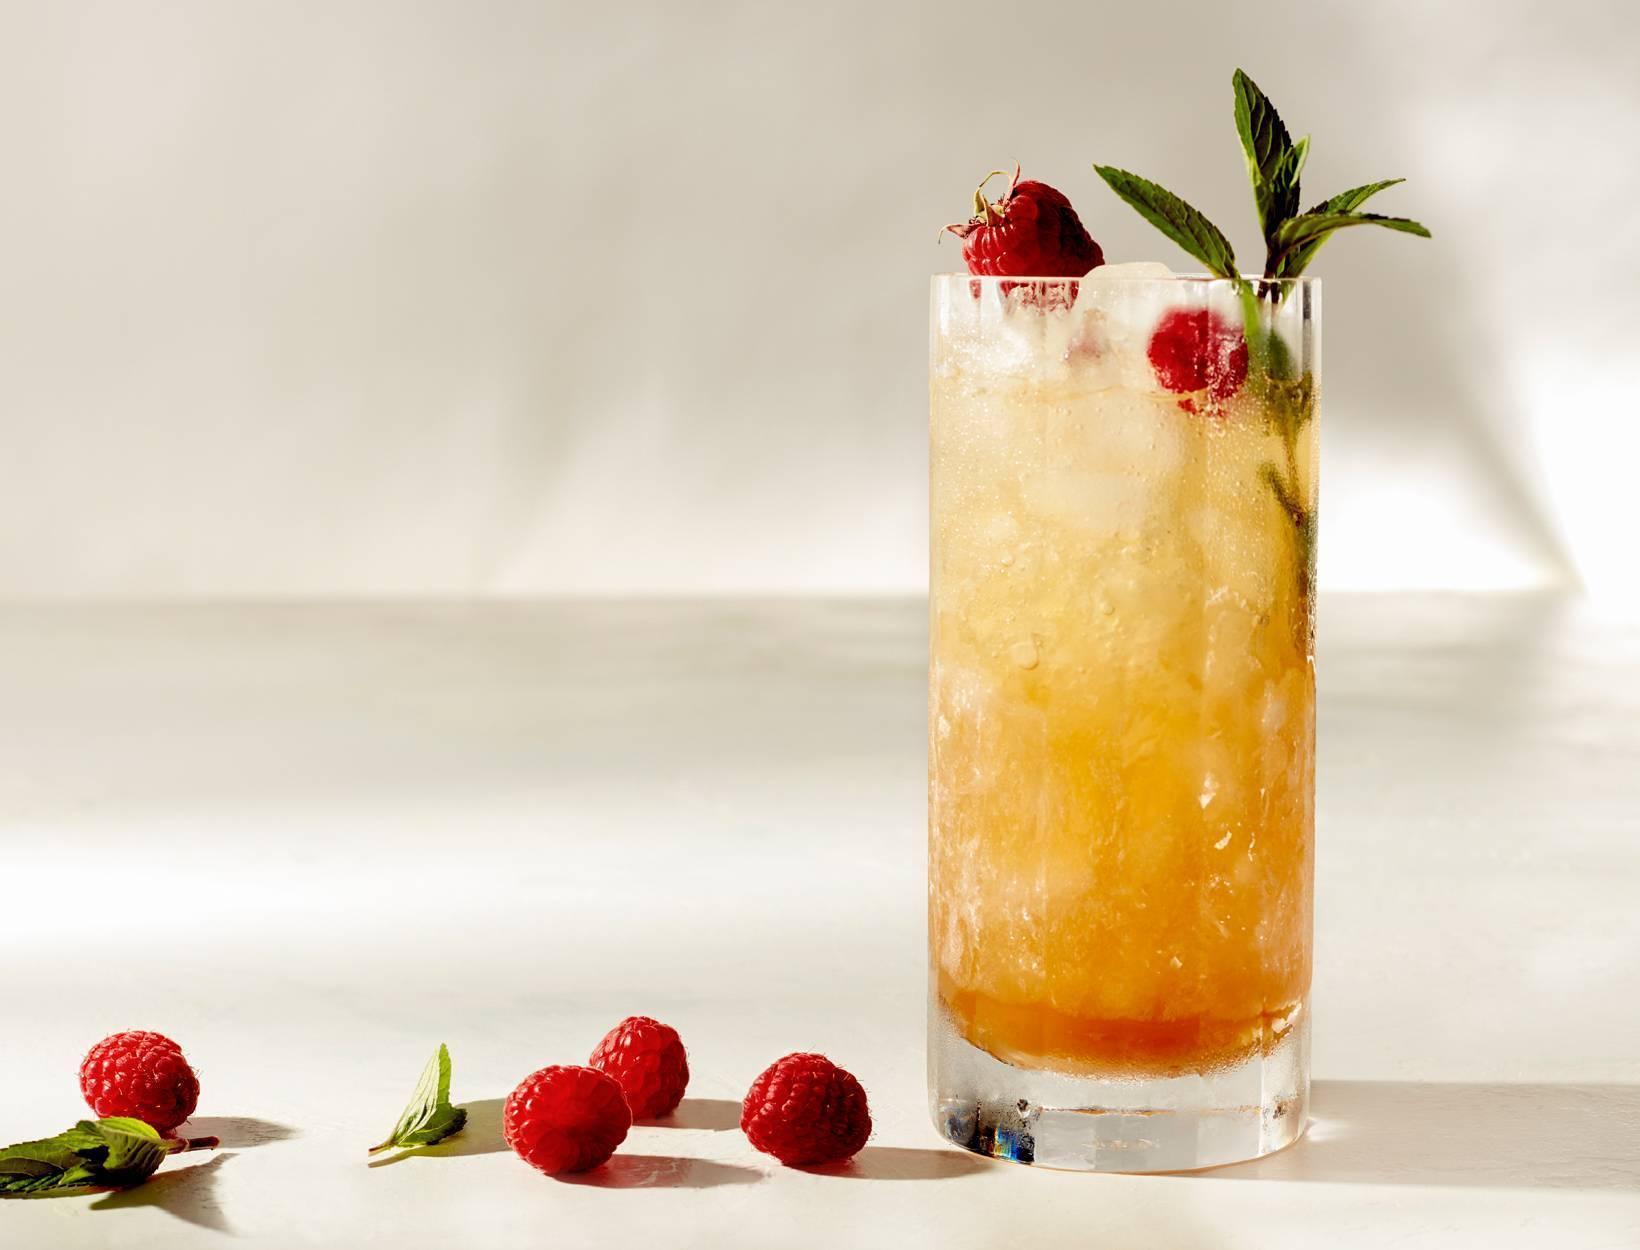 Шампань: рецепты коктейля, состав, варианты приготовления и нюансы употребления (115 фото и видео)